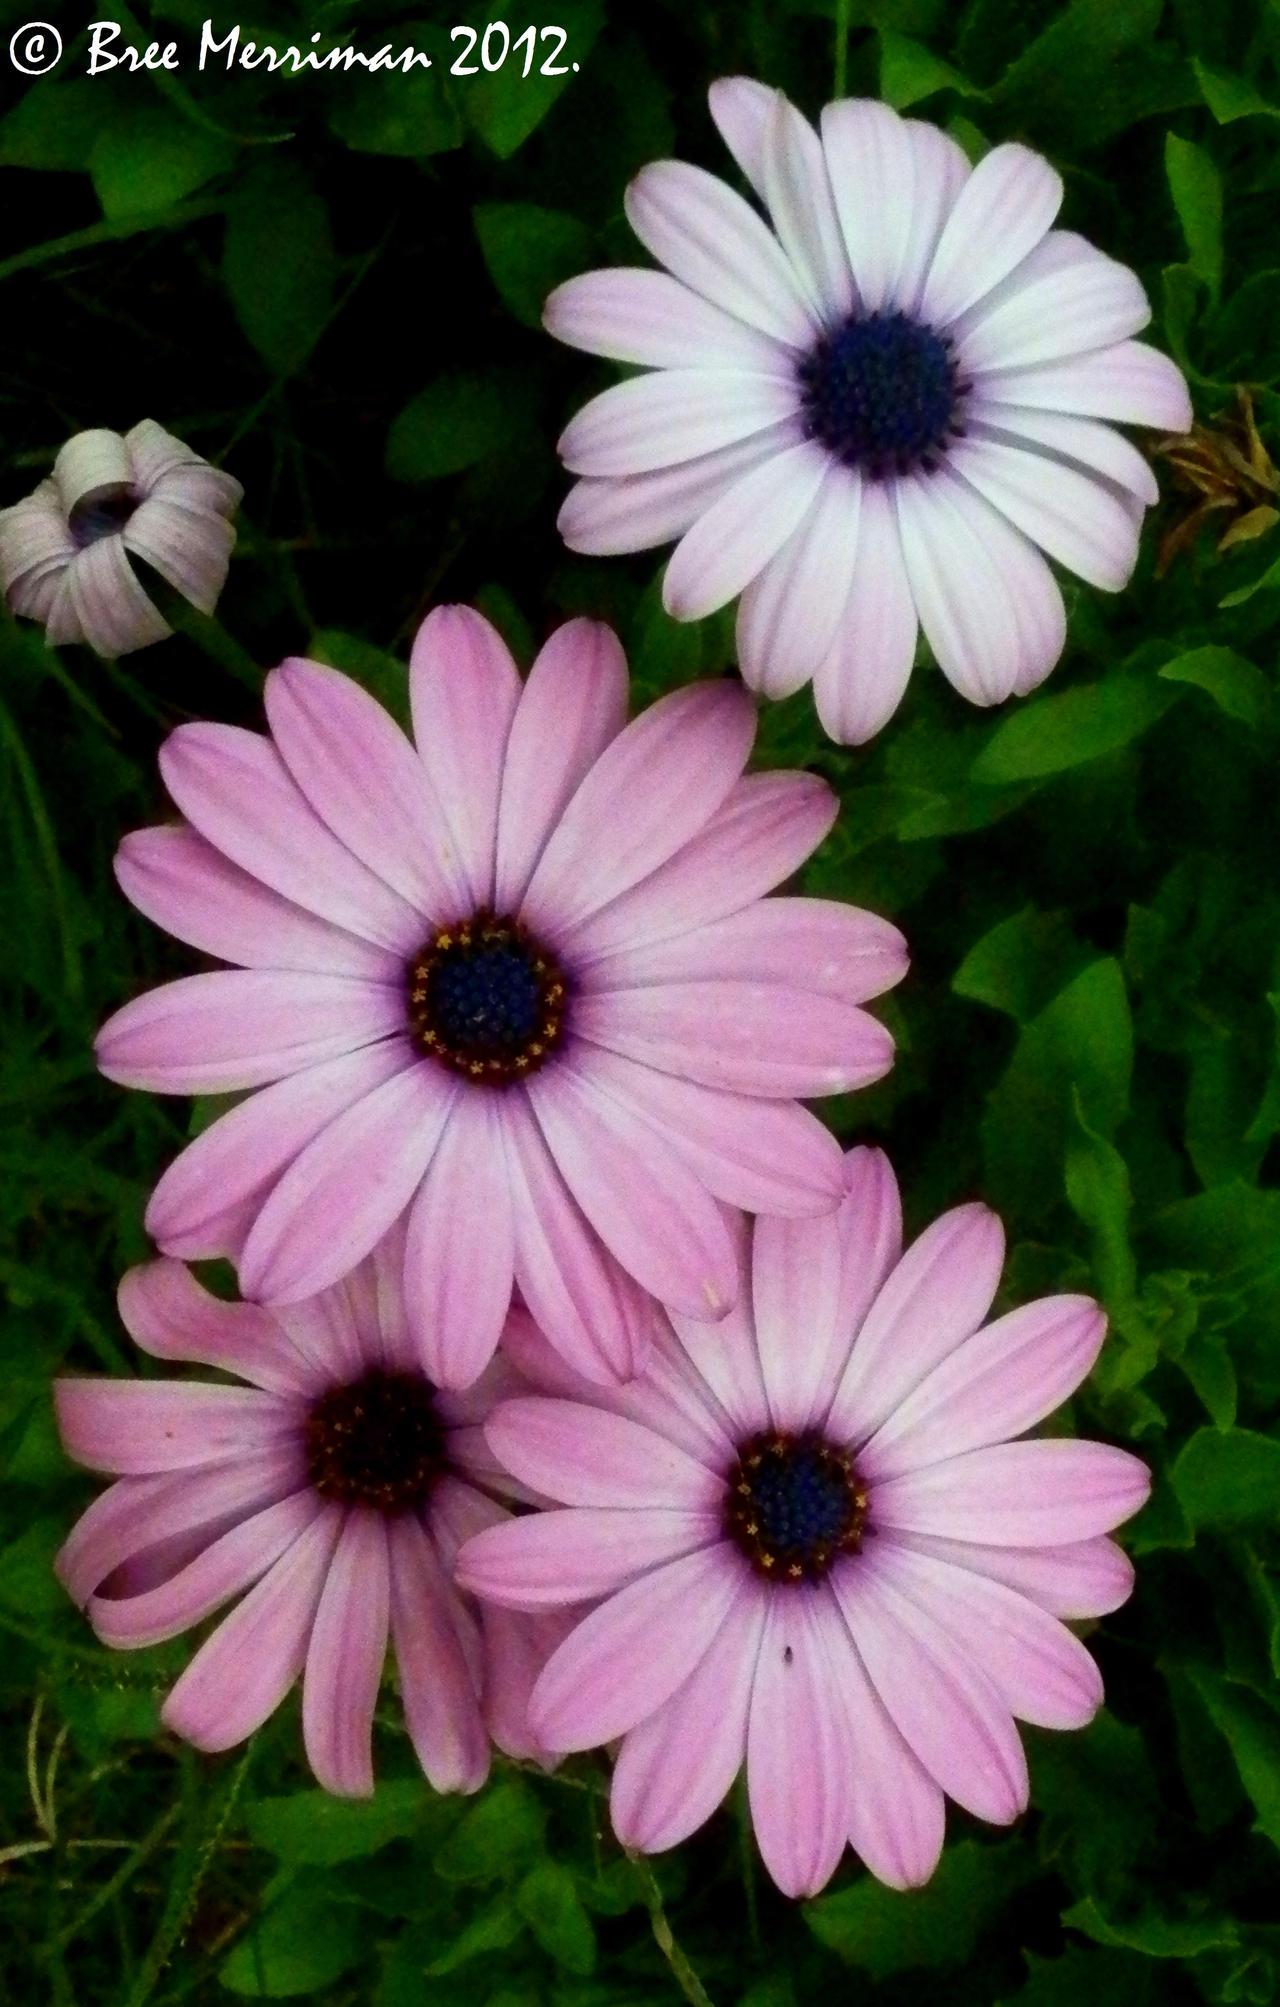 Purple Daisy IV by BreeSpawn